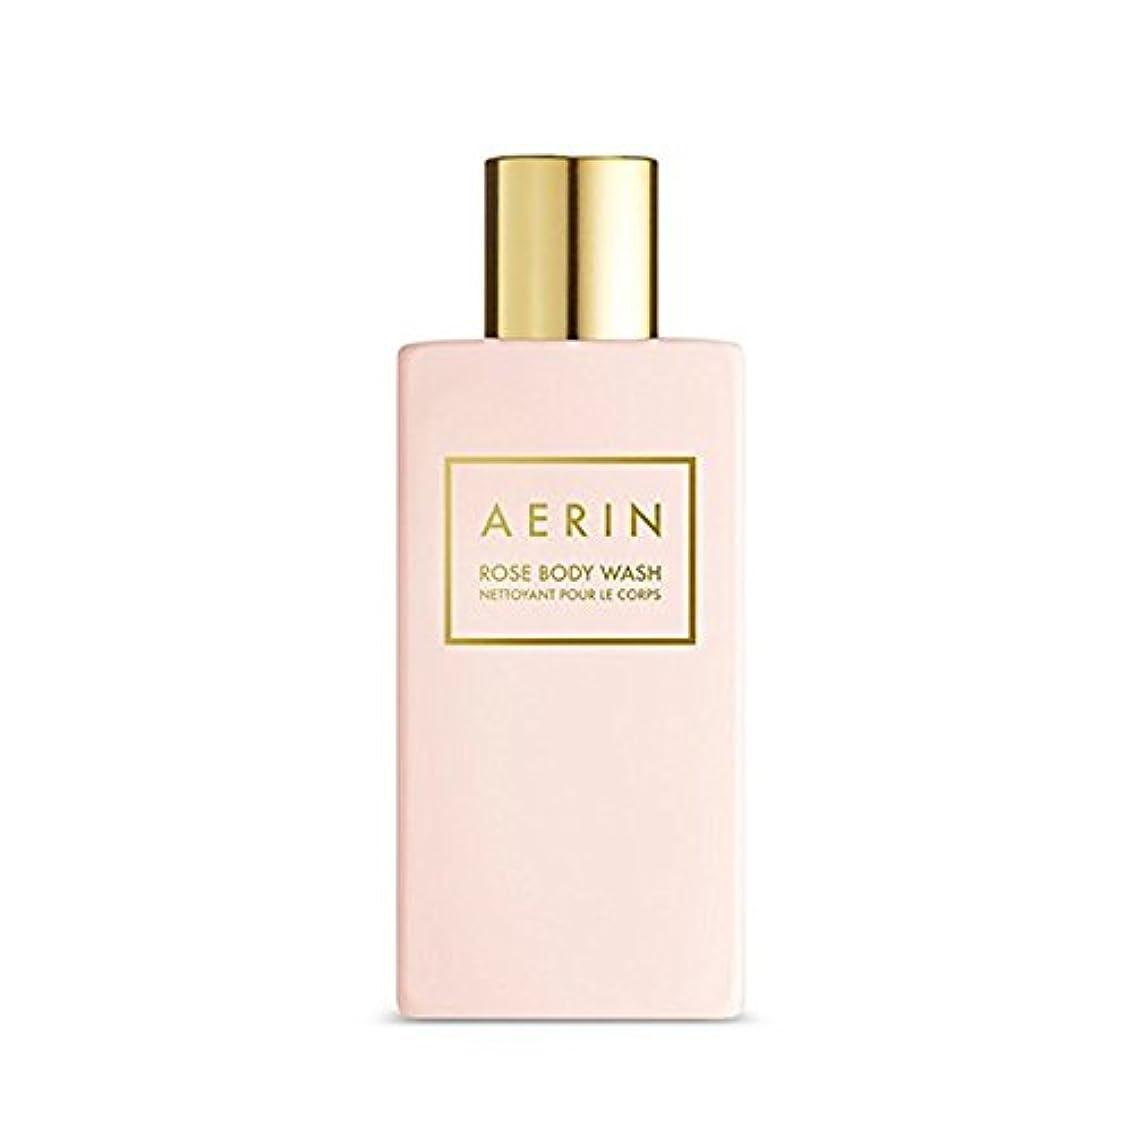 富スムーズにペルメルAERIN Rose Body Wash(アエリン ローズ ボディー ウオッシュ) 7.6 oz (225ml) by Estee Lauder